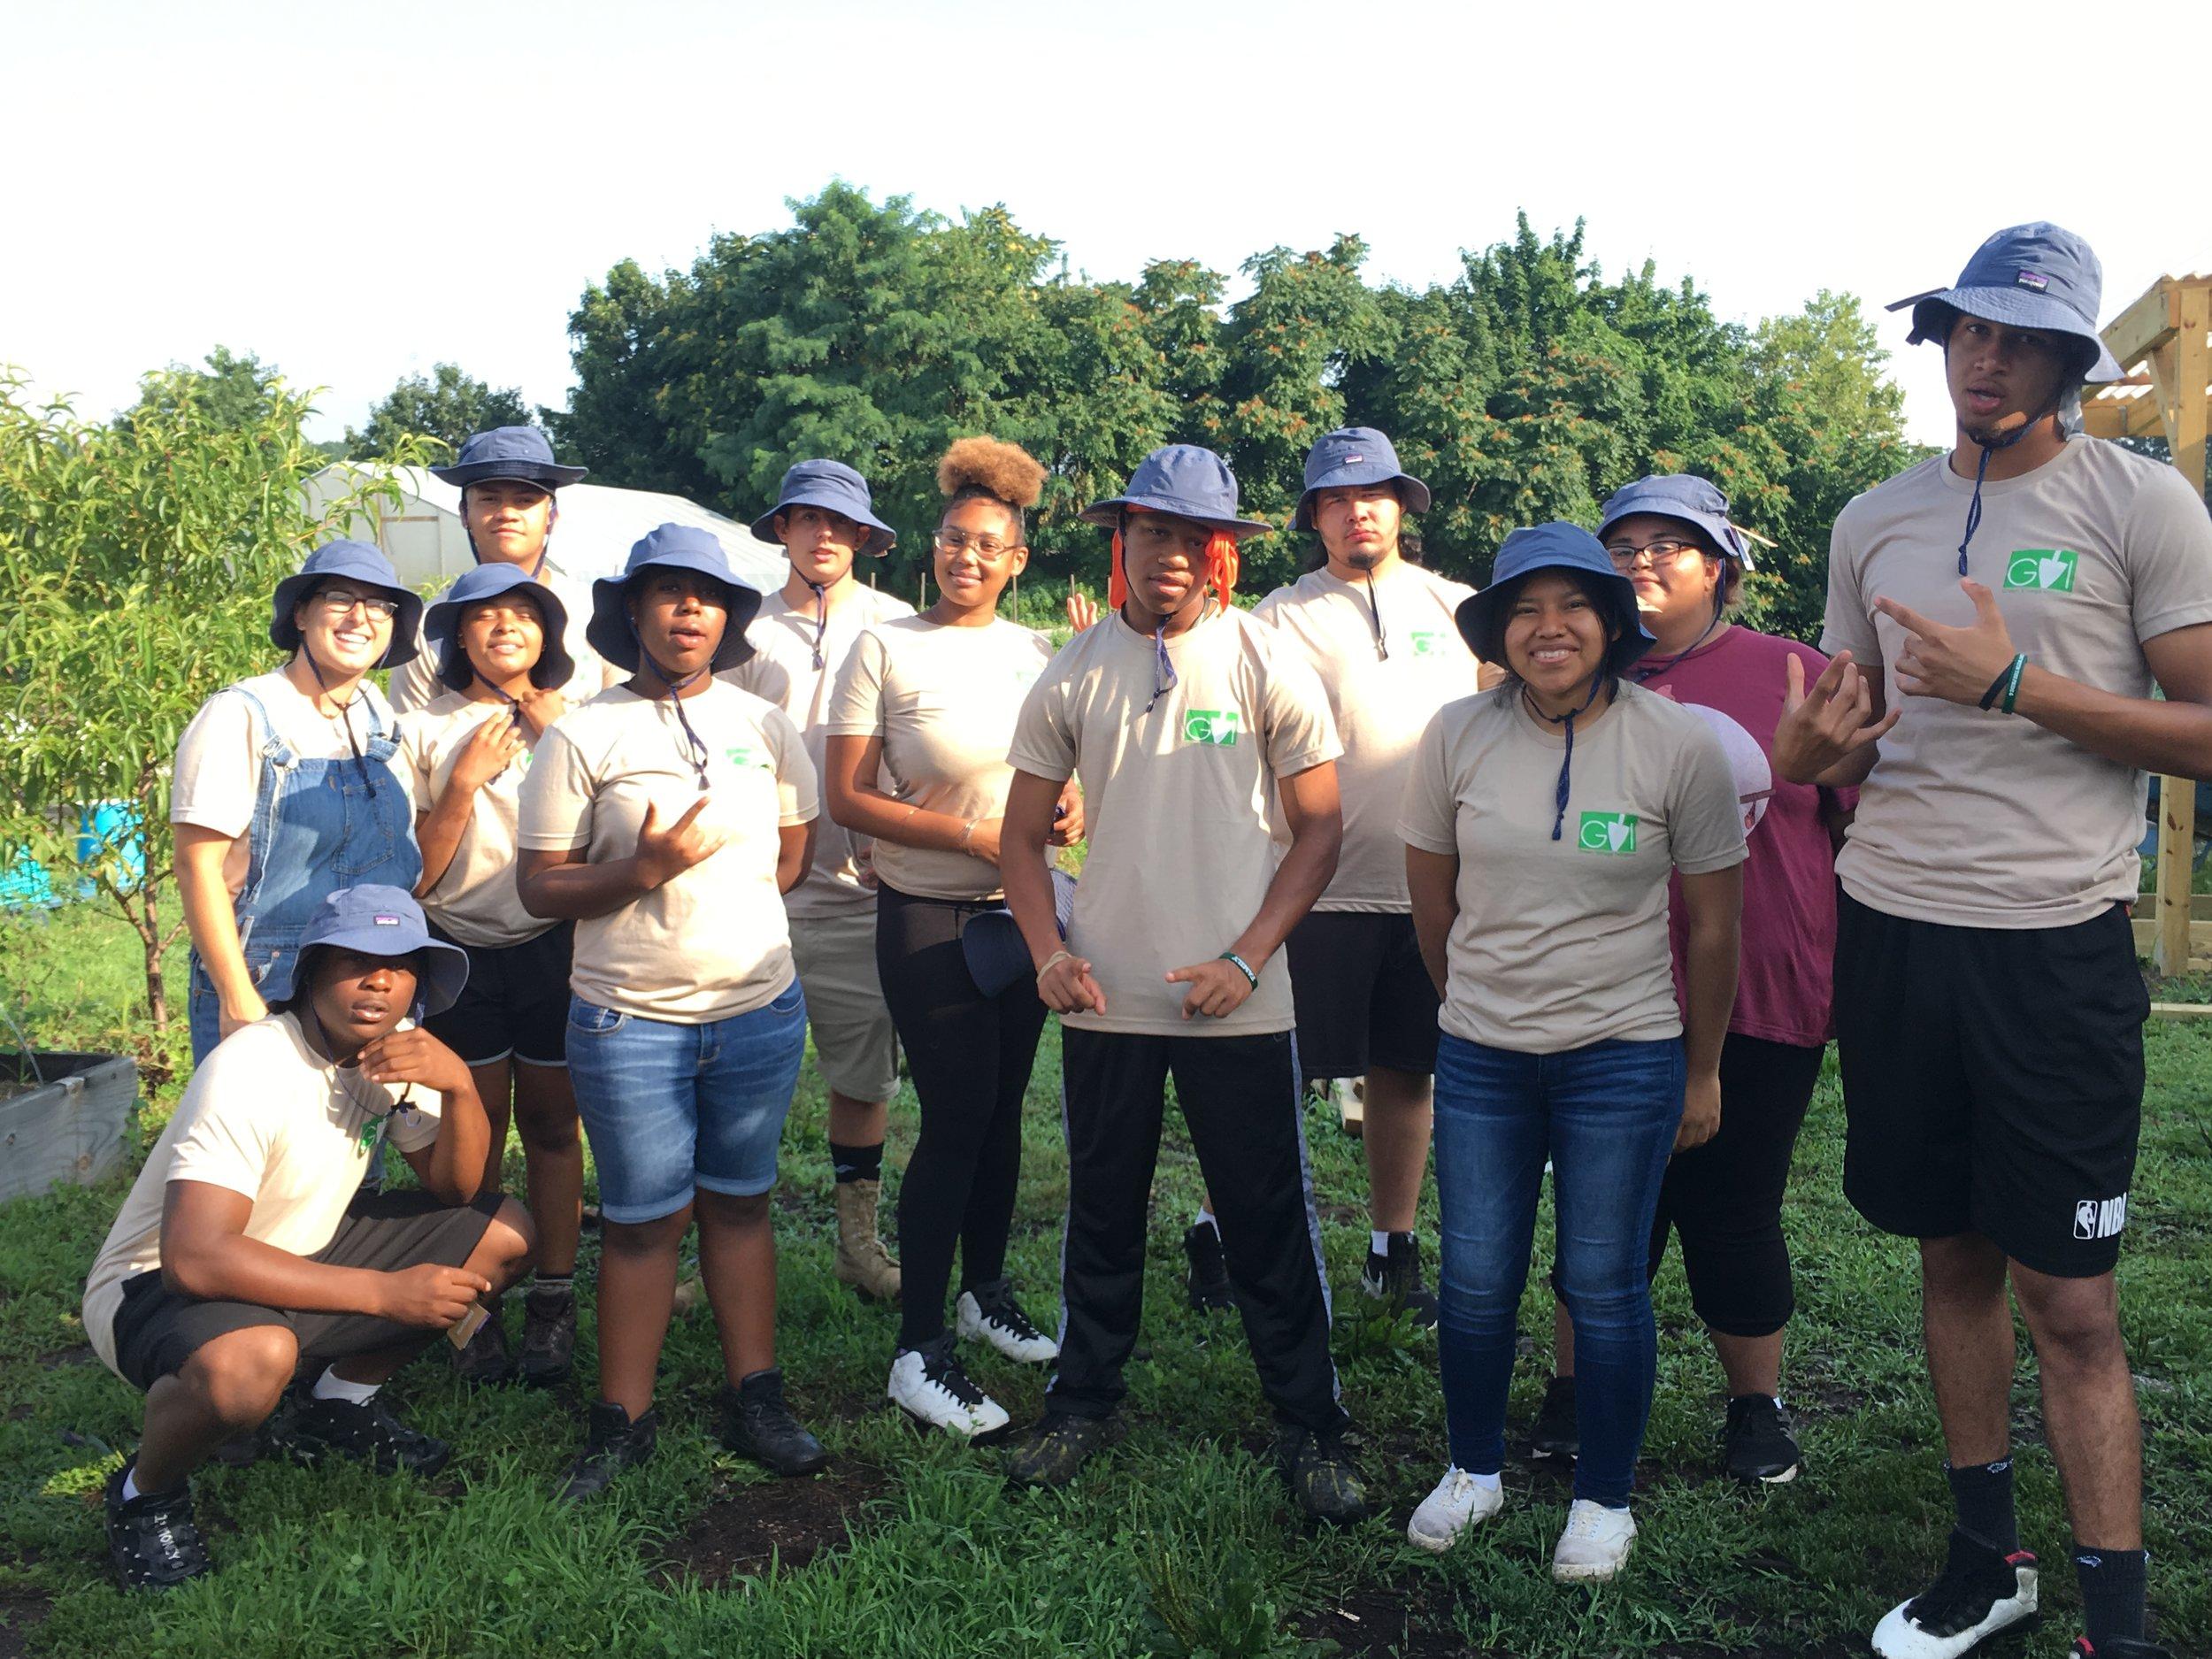 IMG_6577 youth farm crew 2018.JPG